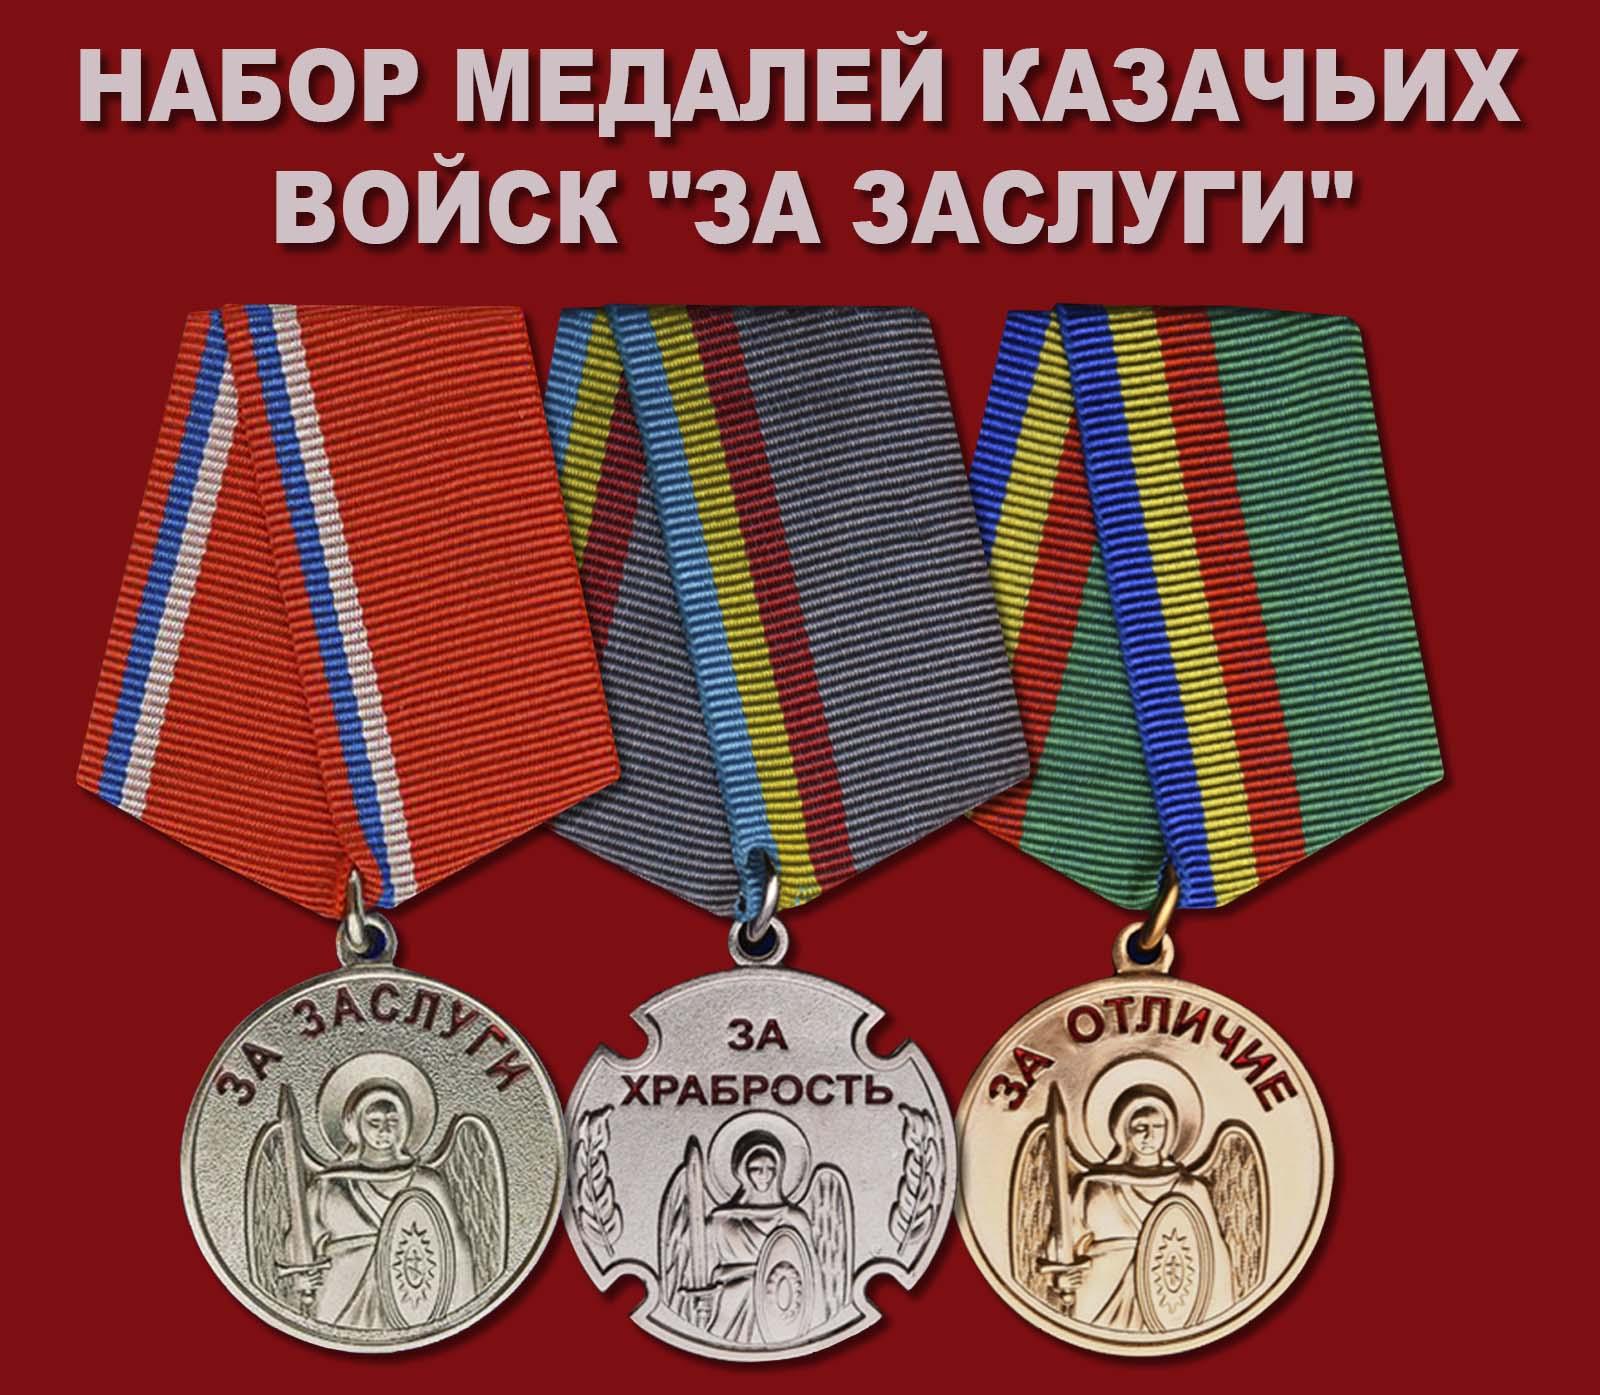 """Набор медалей казачьих войск """"За заслуги"""""""